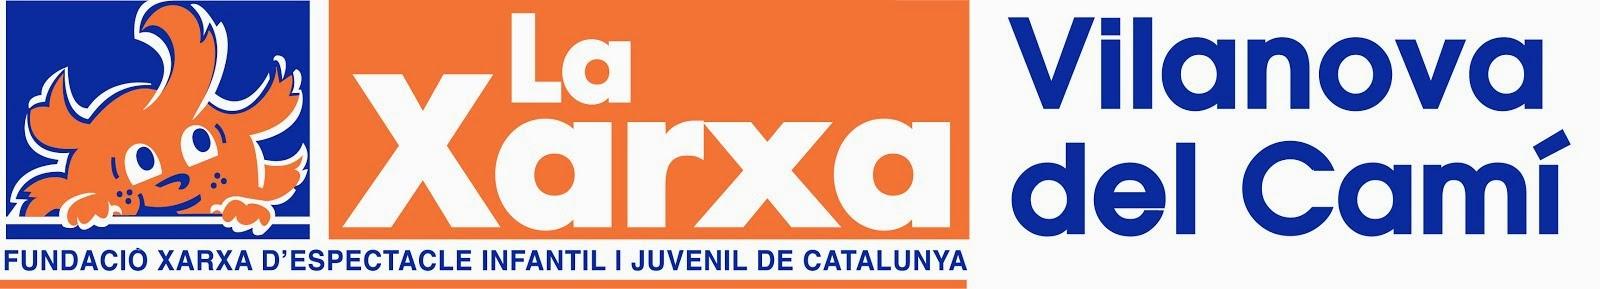 Xarxa Vilanova del Camí